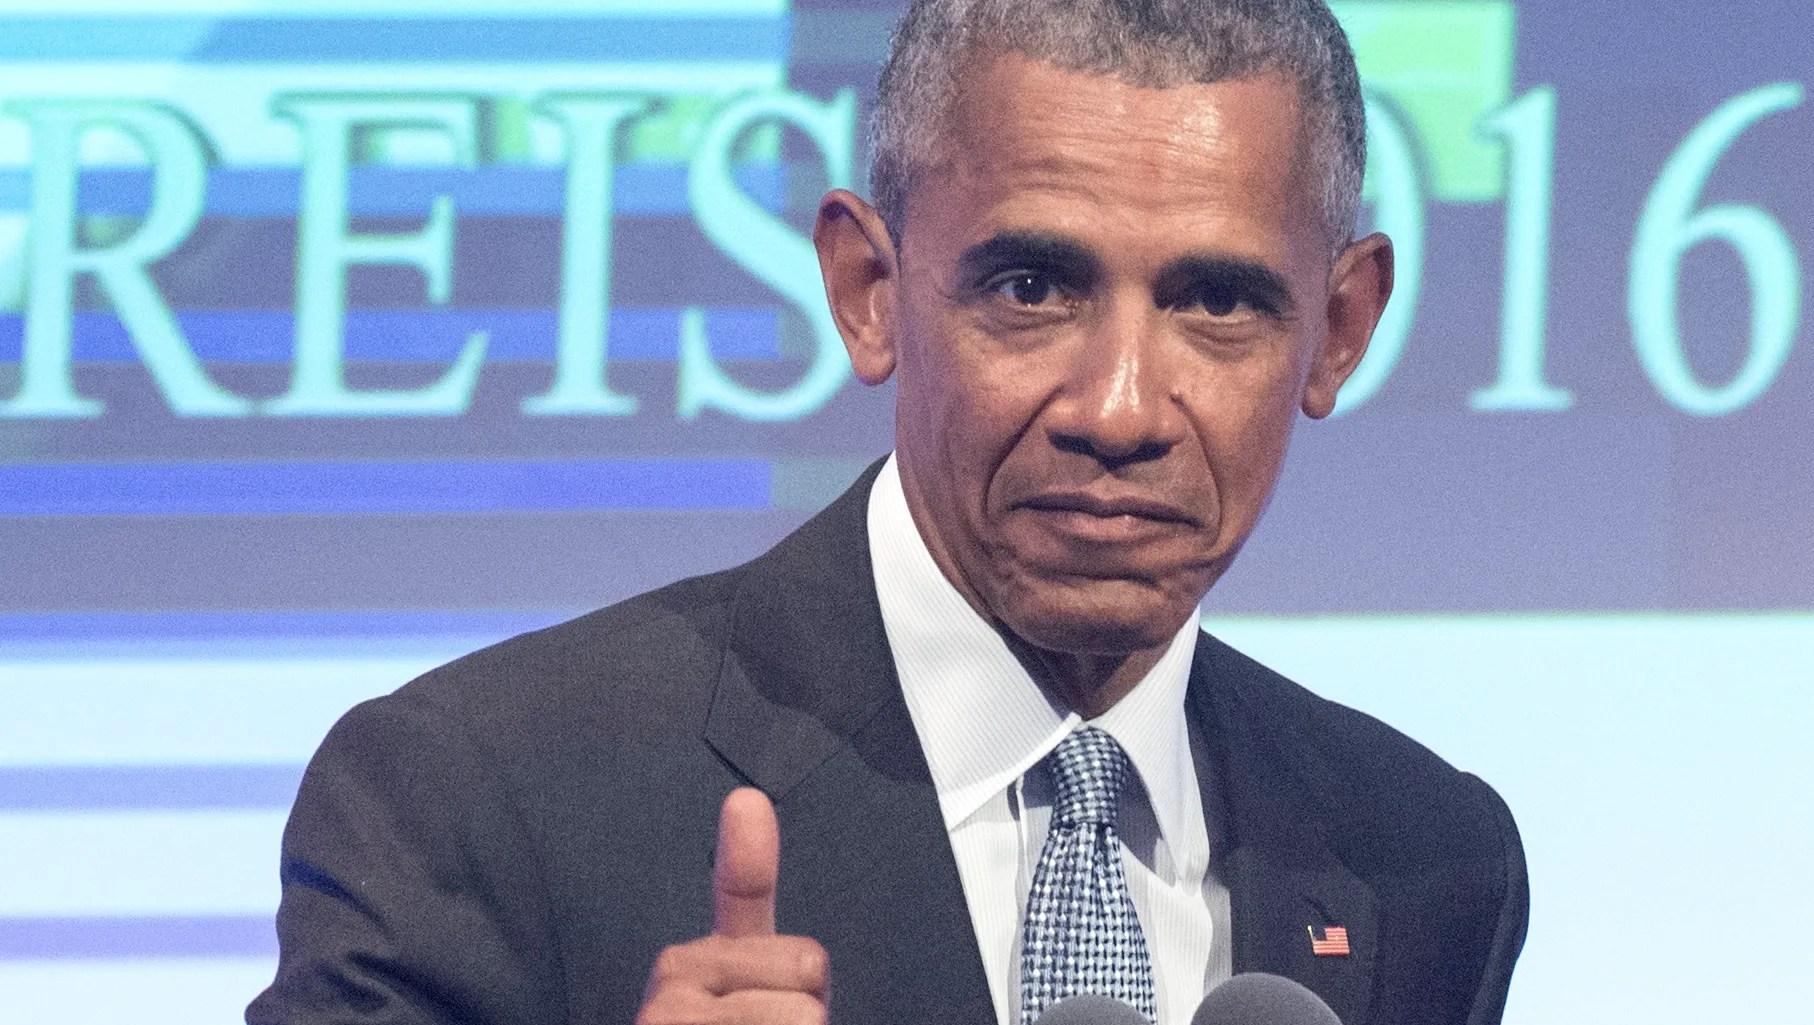 Stars wish happy birthday to Barack Obama, 'the flyest to ...